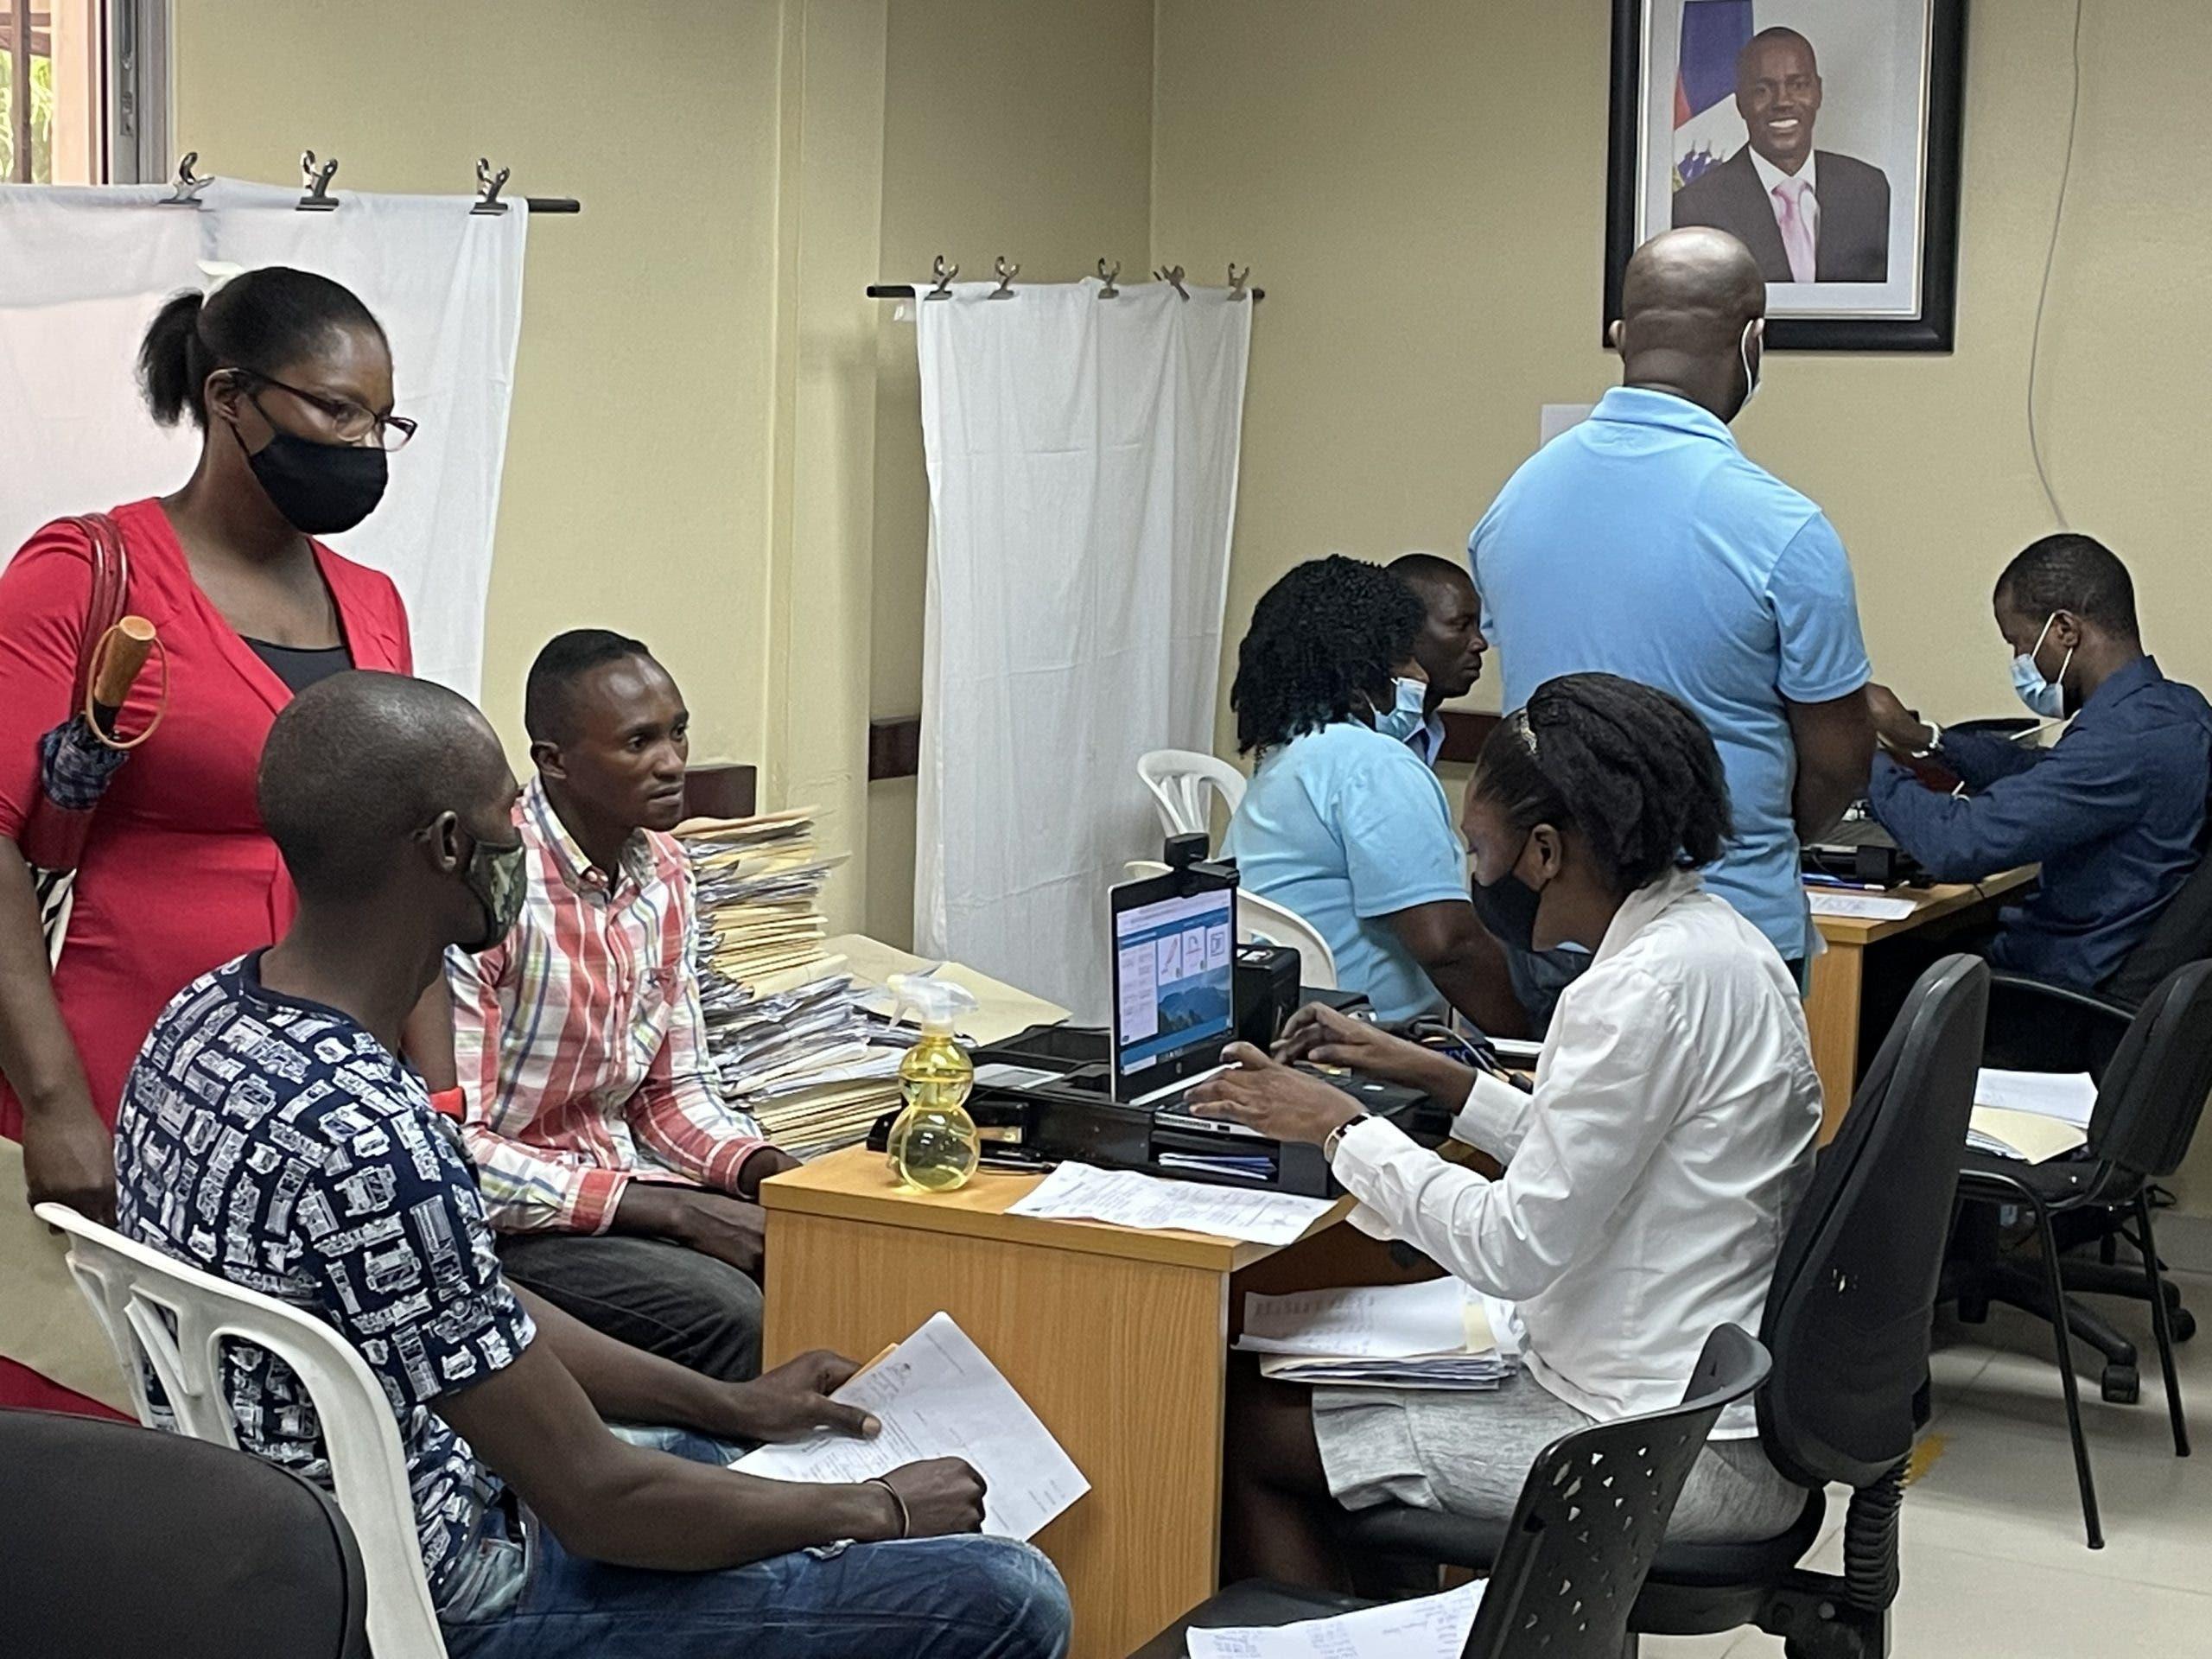 Más de 53, 000 se han registrado en la embajada de Haití y sus consulados para obtener la nueva cédula haitiana